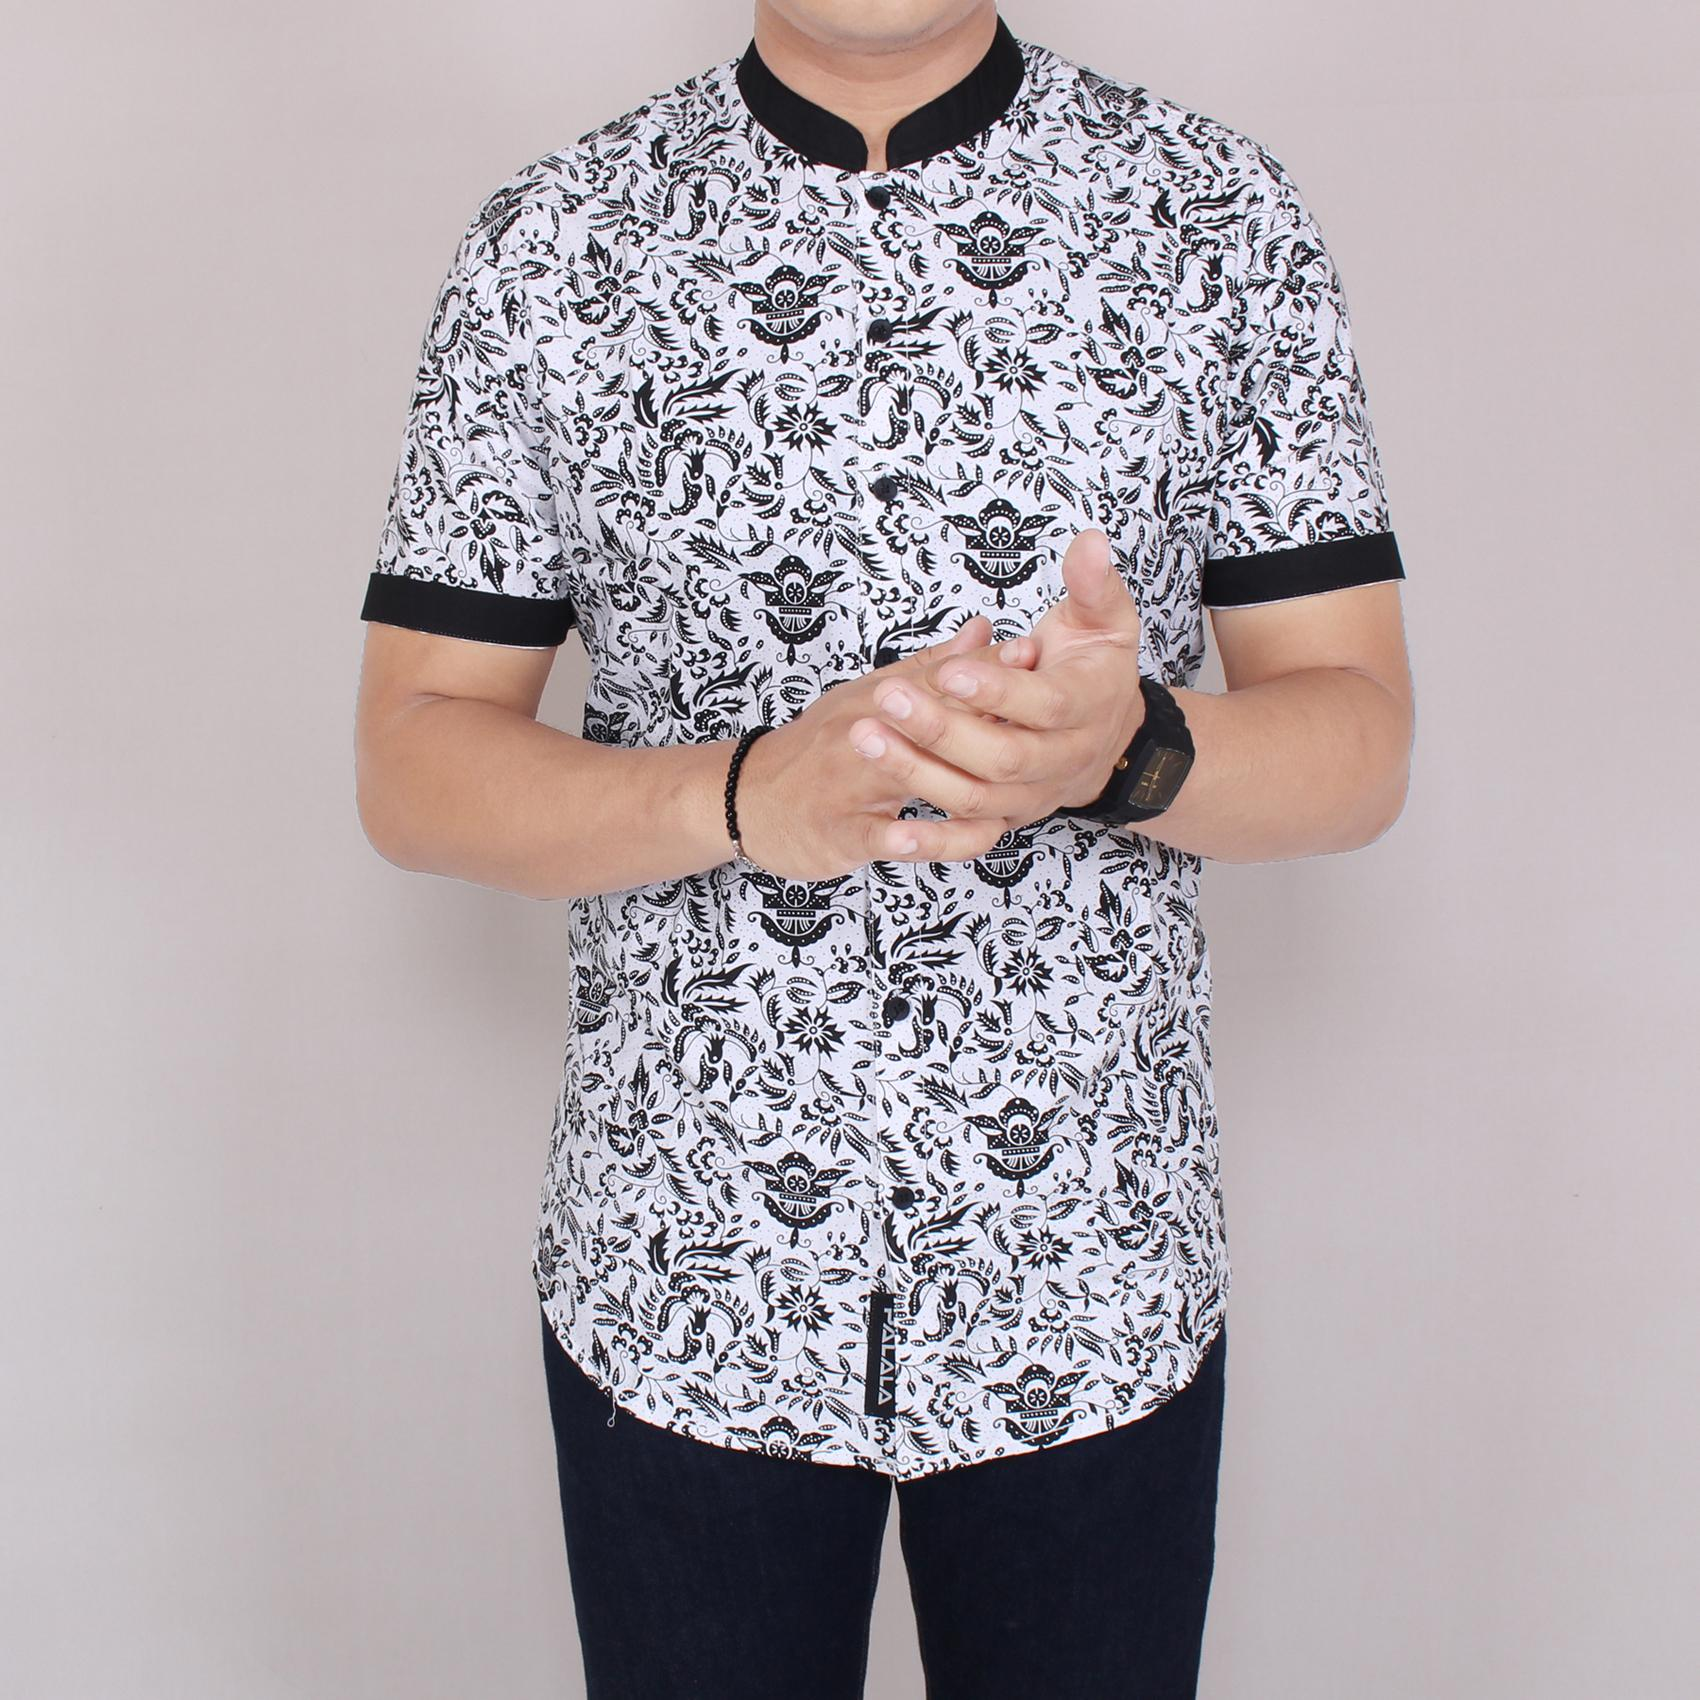 Zoeystore1 5947 Kemeja Printing Pria Lengan Pendek Exclusive Baju Kemeja Cowok Formal Kerja Kantor Kemeja Distro Putih Kemeja Guru